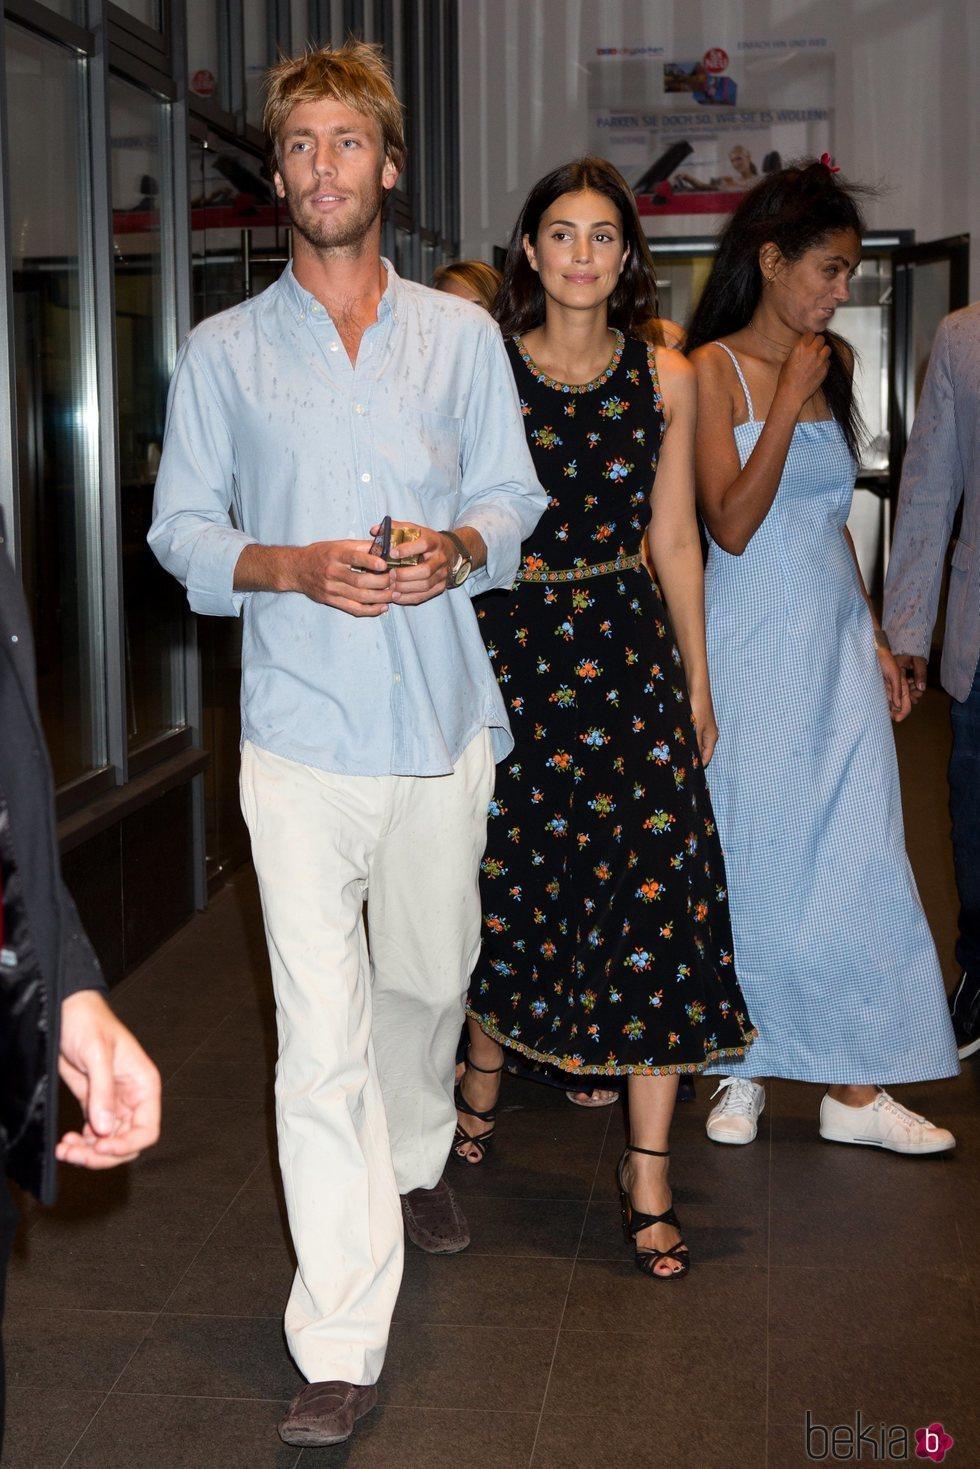 Christian de Hannover y Alessandra de Osma en la fiesta previa a la boda de Ernesto de Hannover y Ekaterina Malysheva